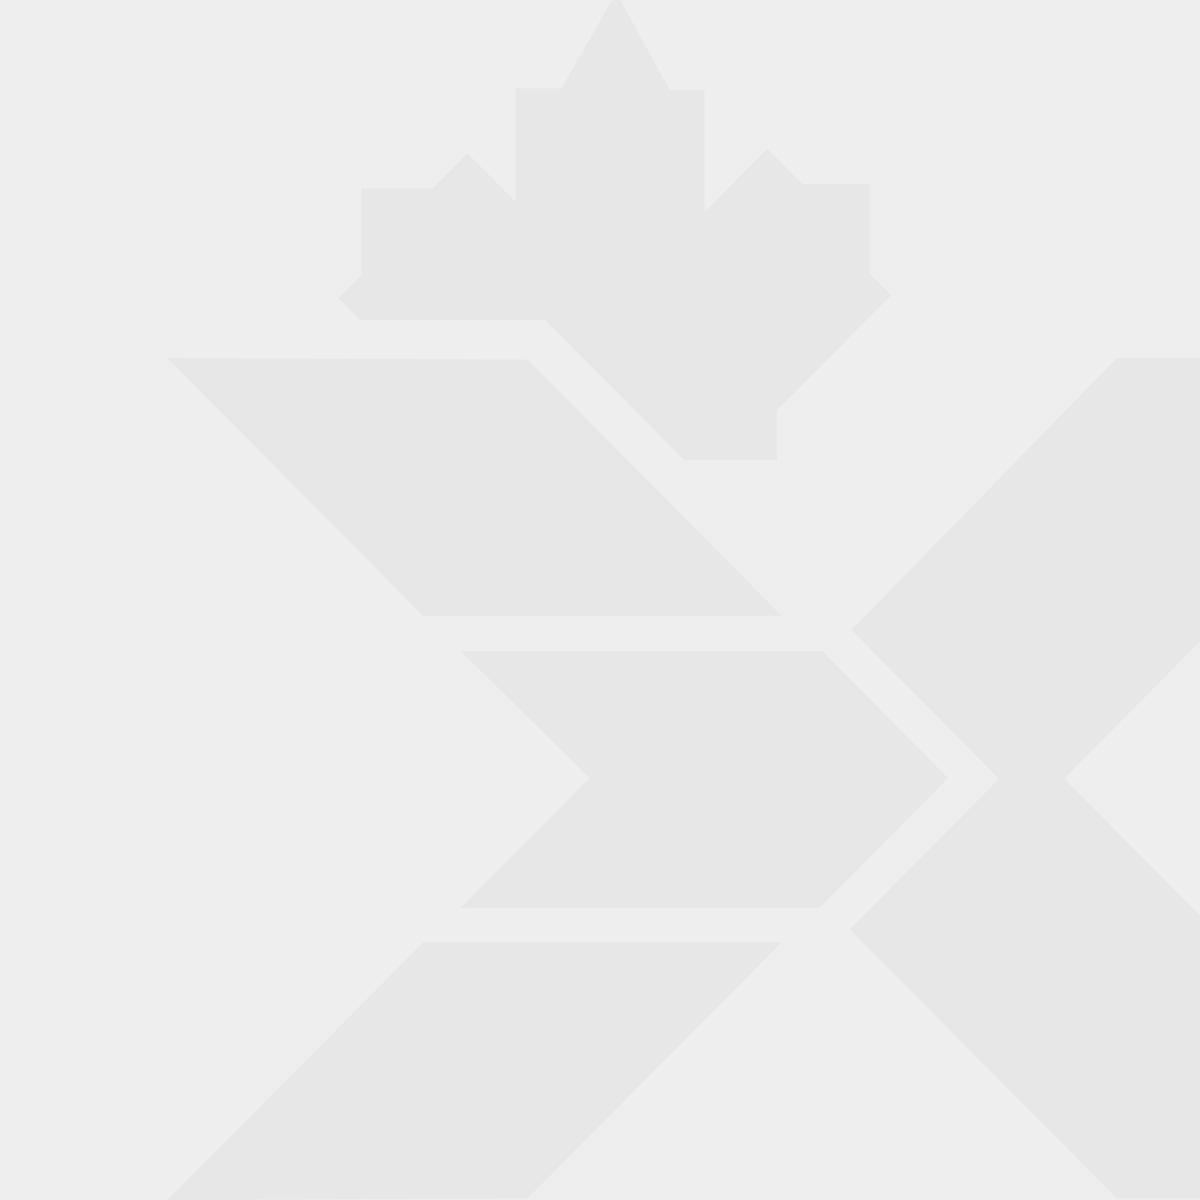 SERTA PSS Niagara ET Queen Mattress 60 Plush